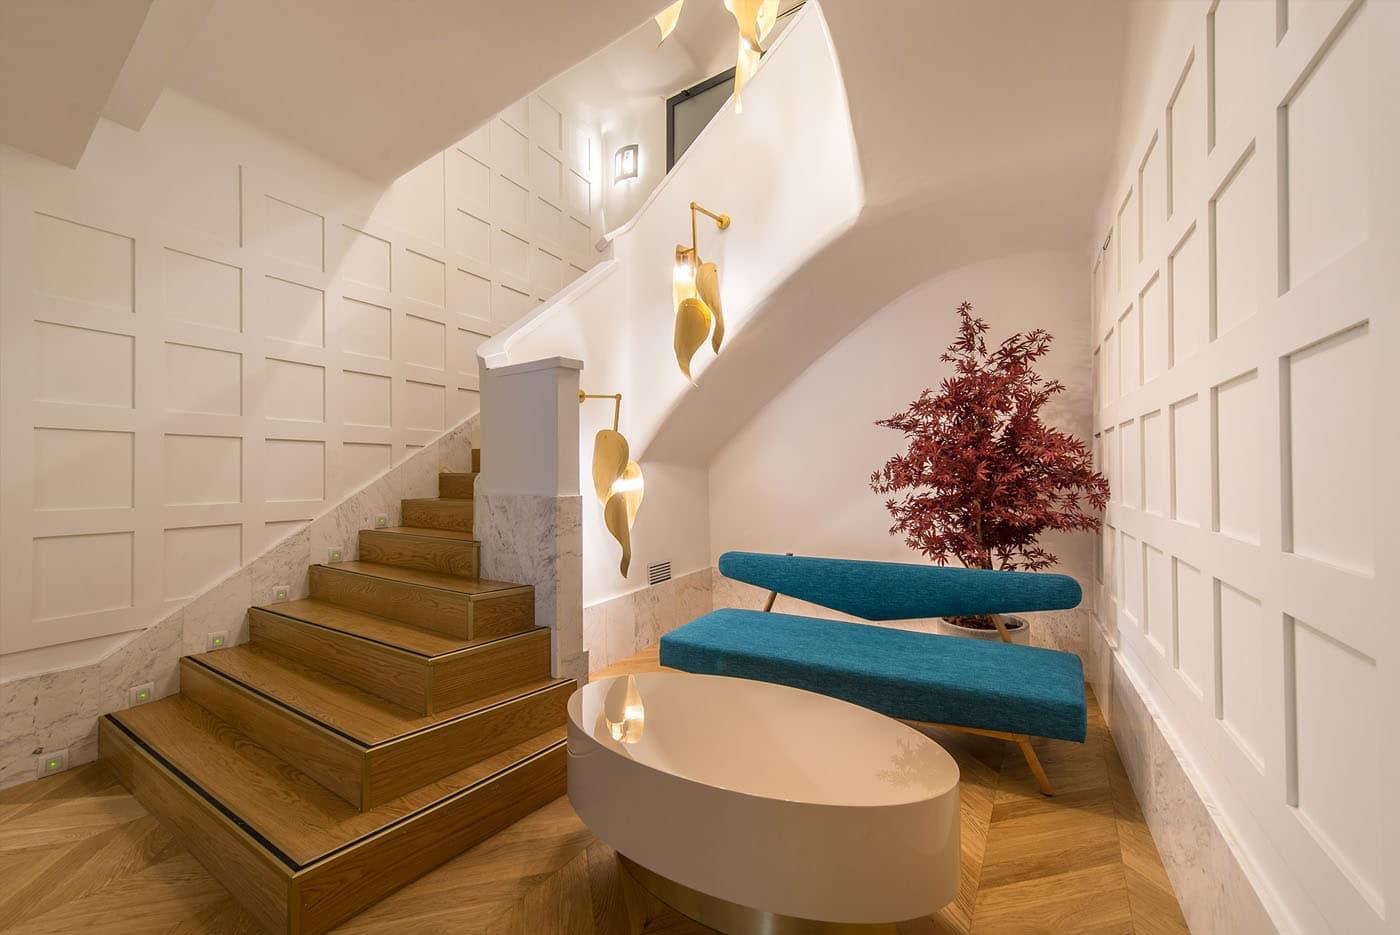 hotel-vincci-centrum-adolfo-gosalvez-hoteles-panoramicos